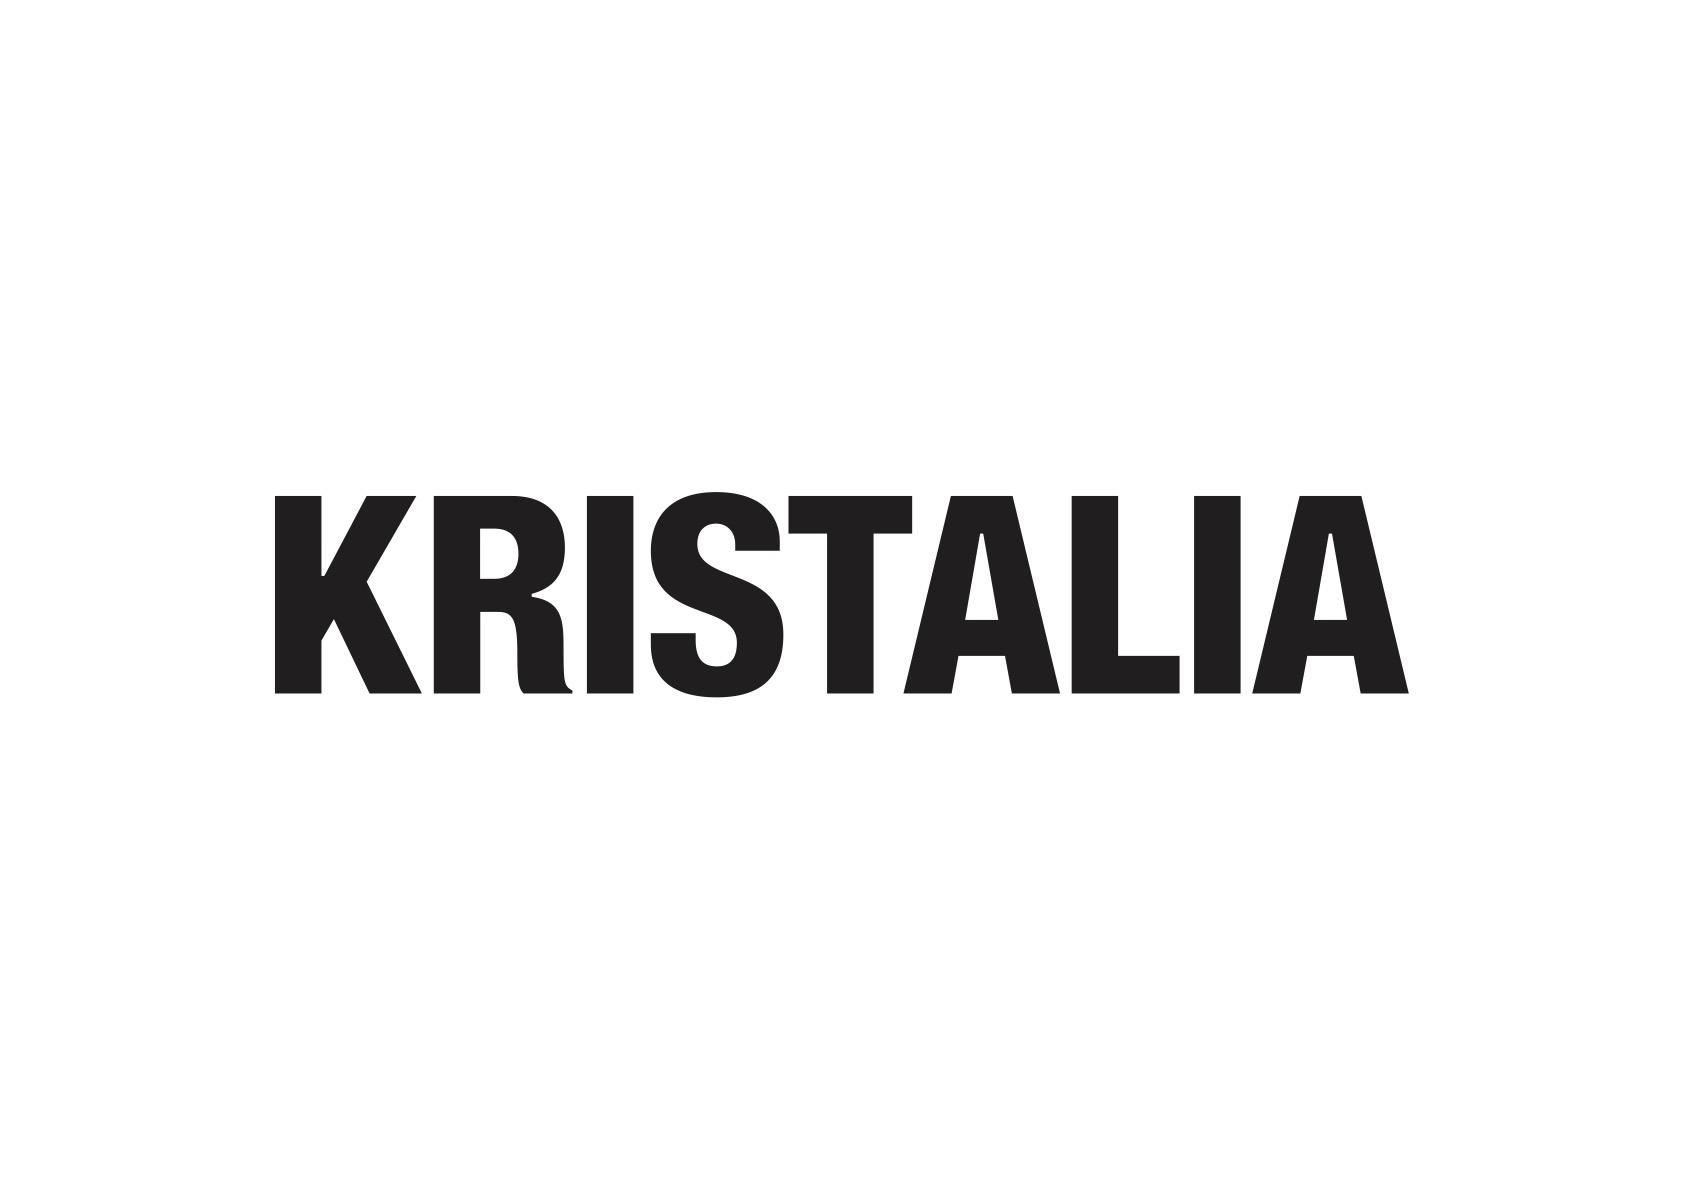 Kristalia-Logotype-2019